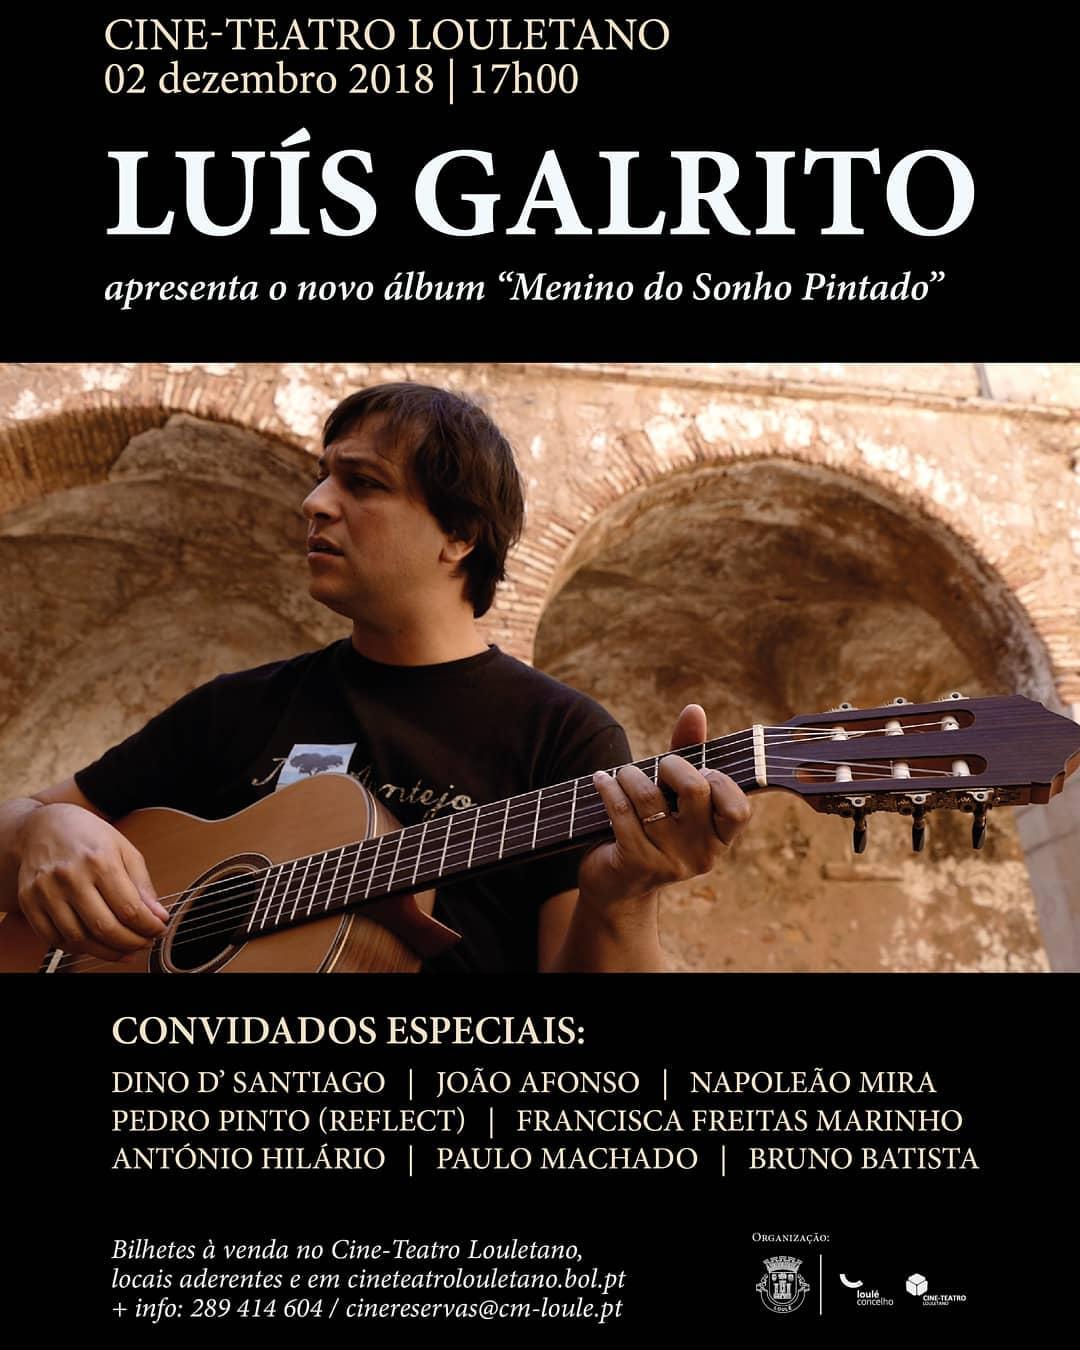 Luís Galrito | Menino do Sonho Pintado